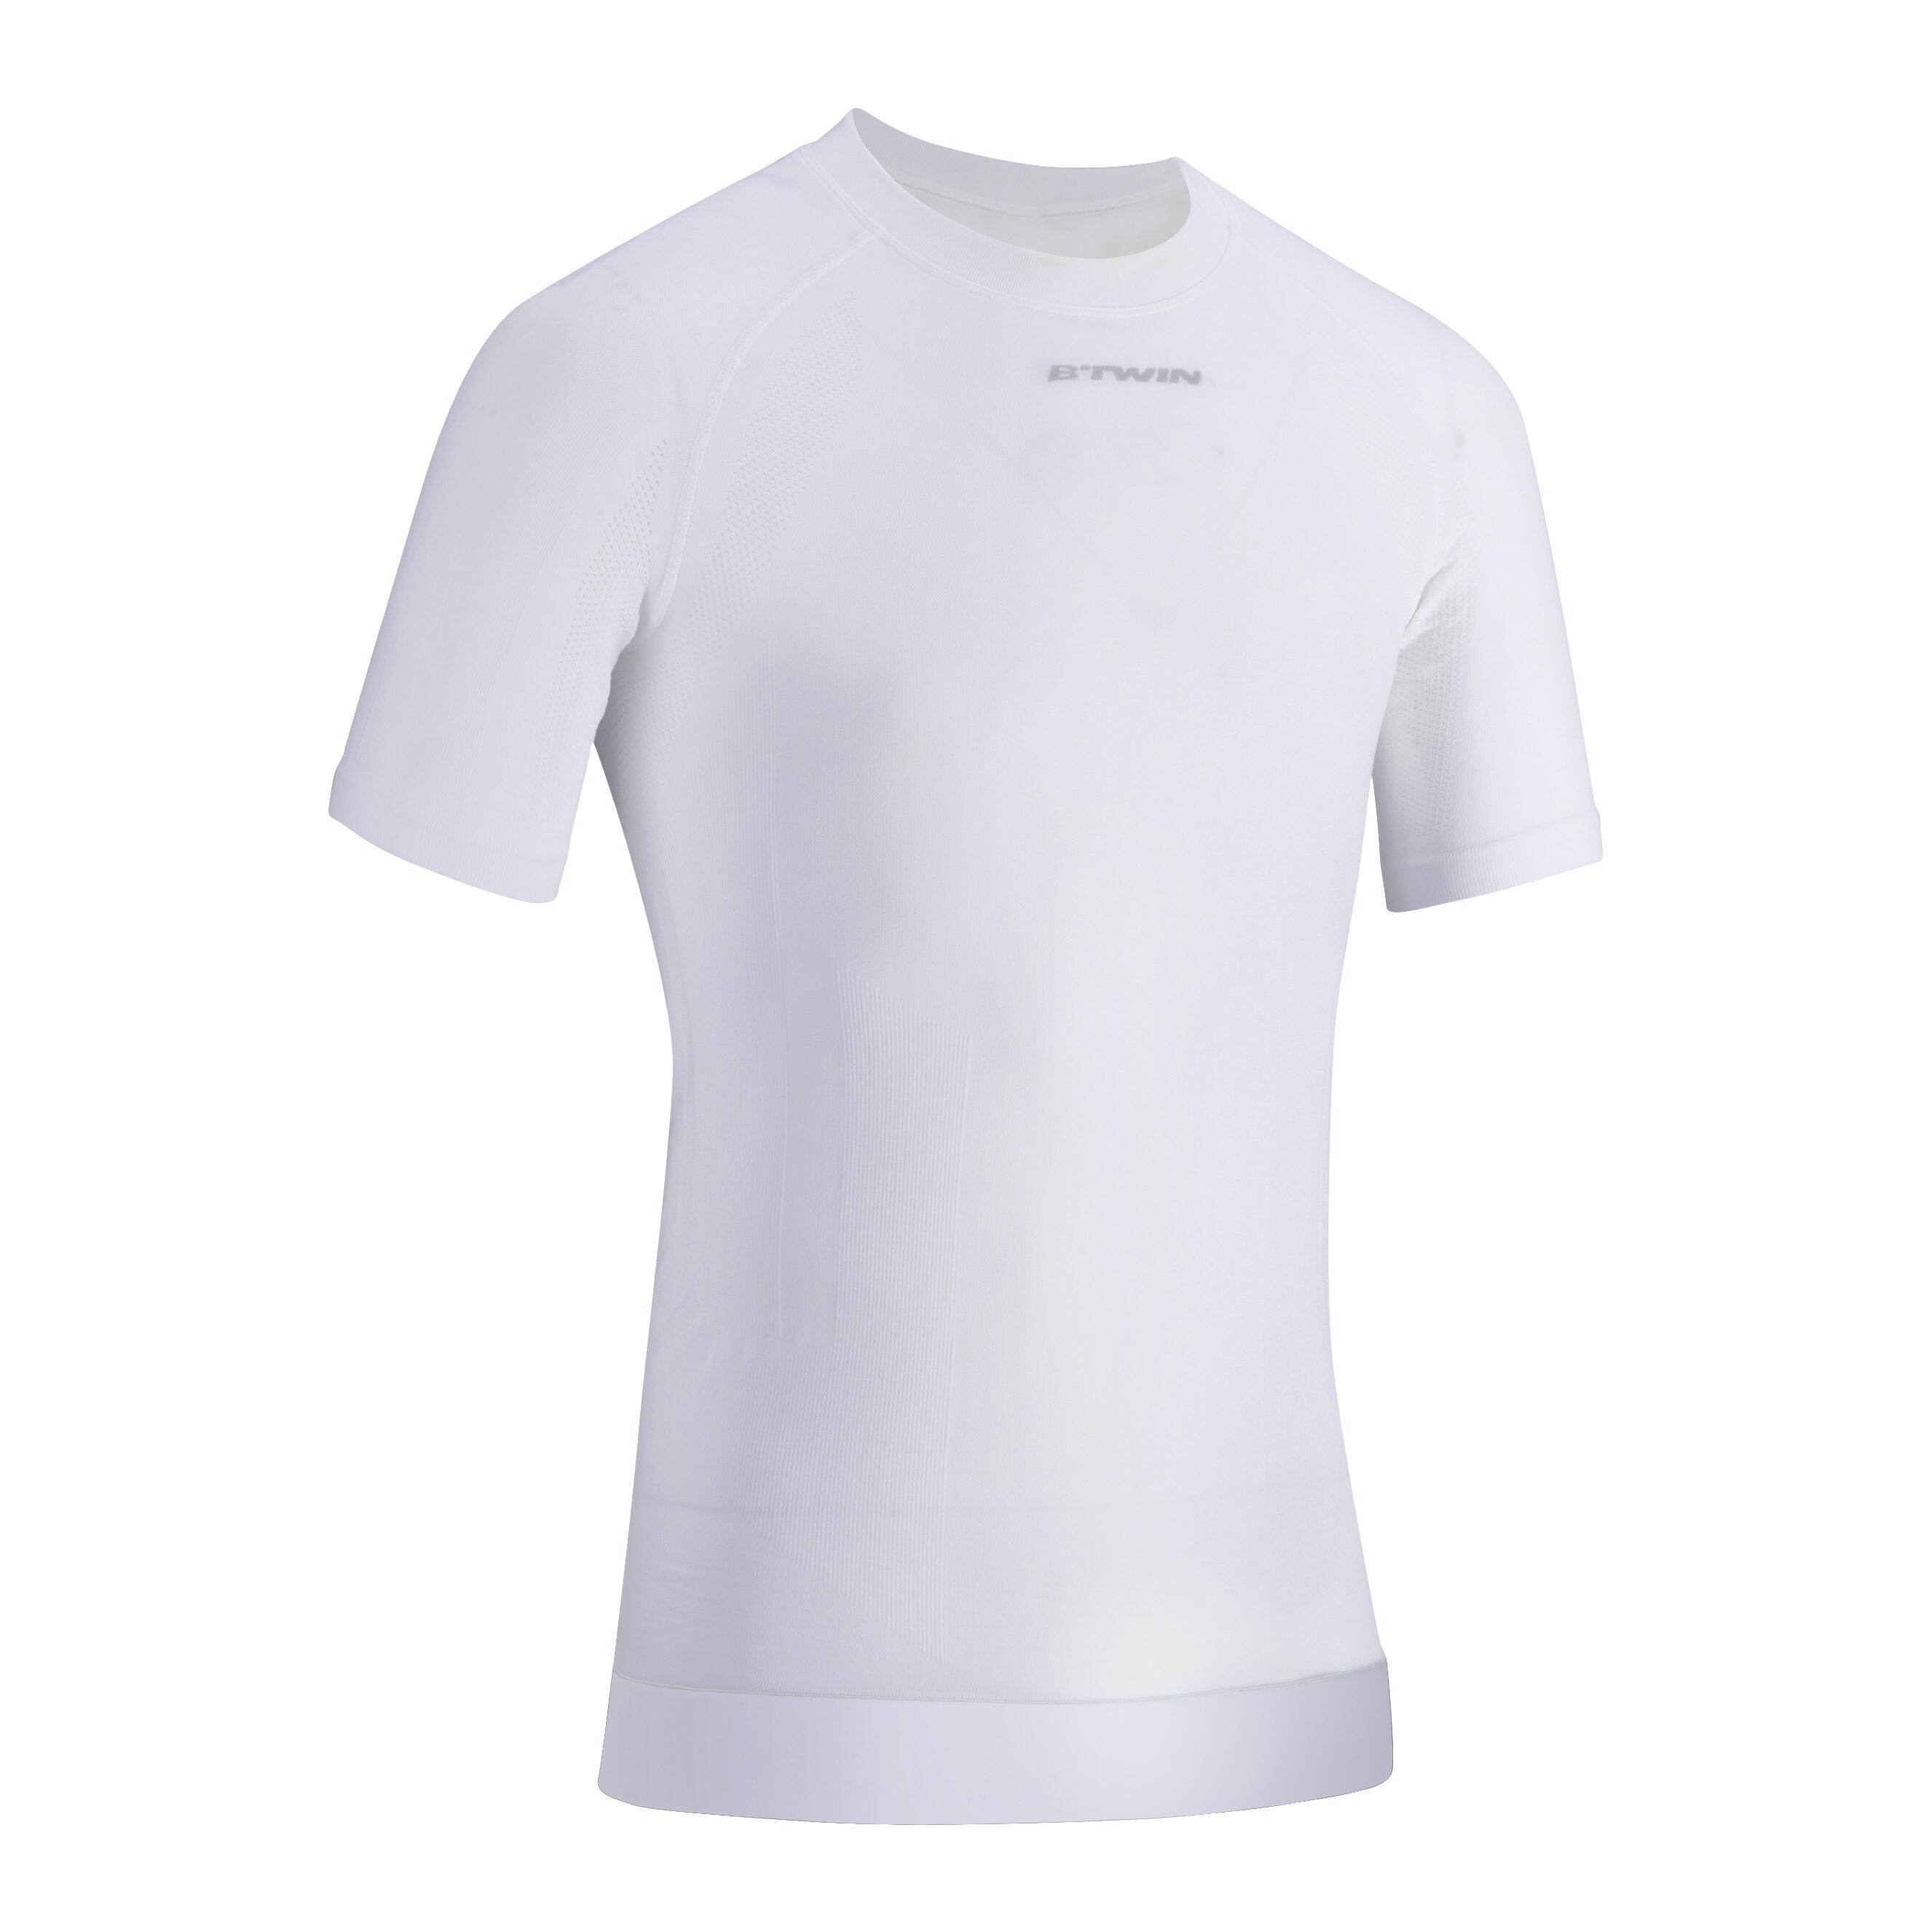 Rennradunterwäsche für kühle Temperaturen | Sportbekleidung > Funktionswäsche > Thermounterwäsche | B'twin